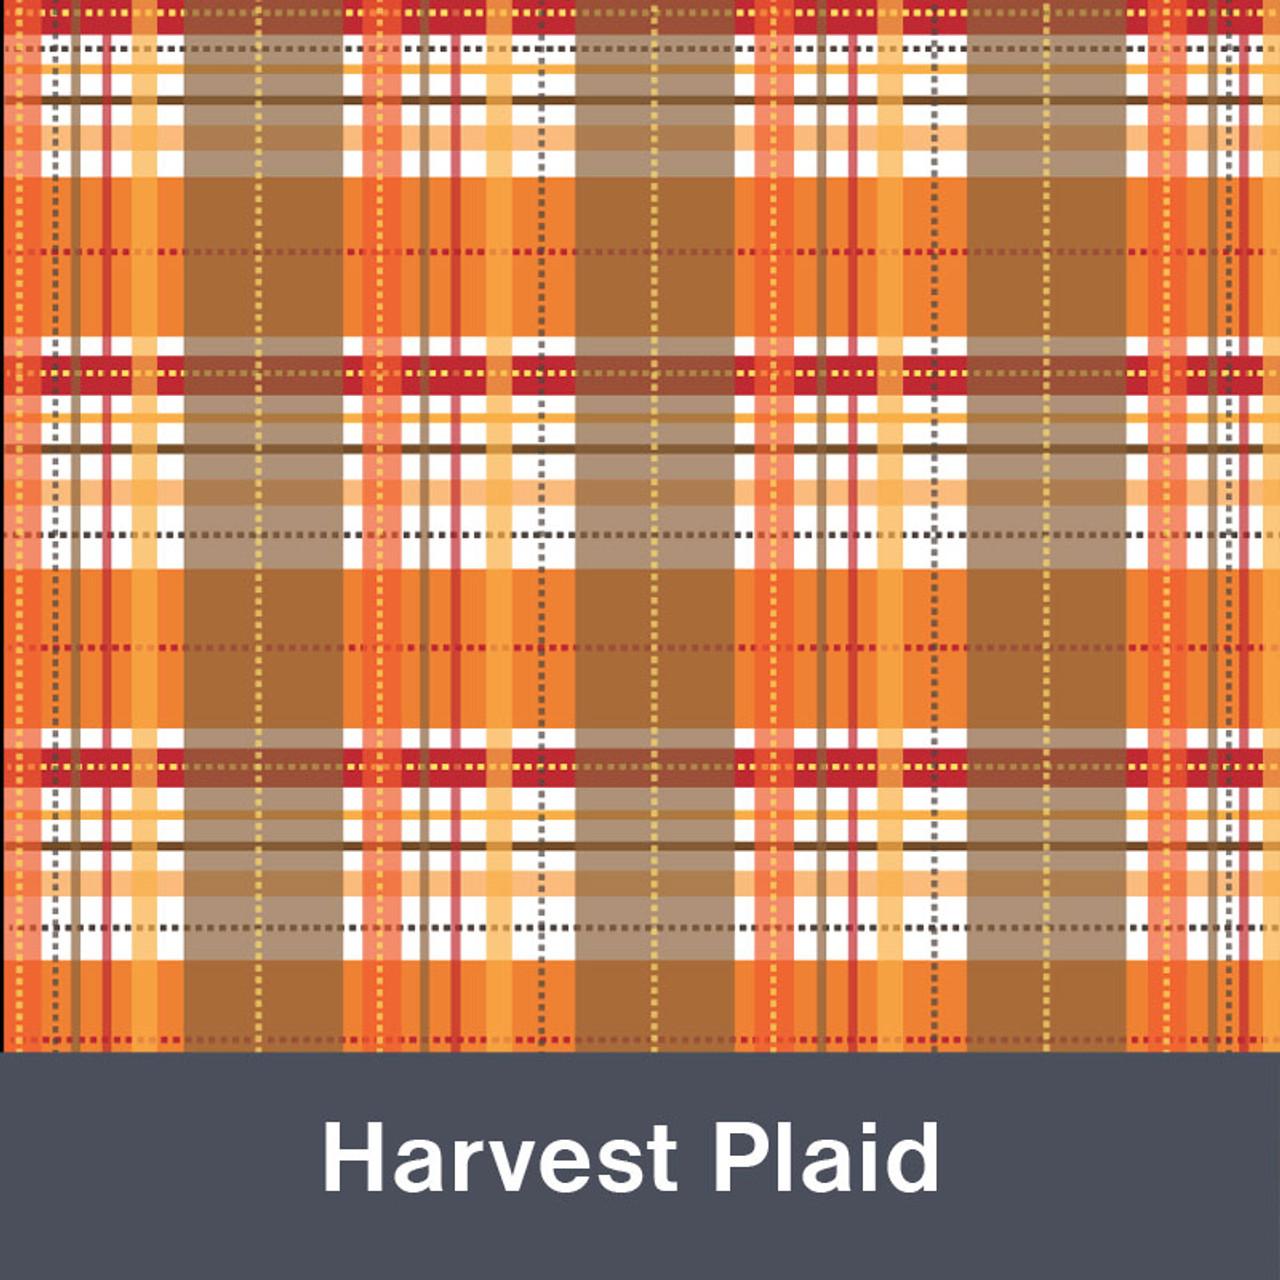 Harvest Plaid